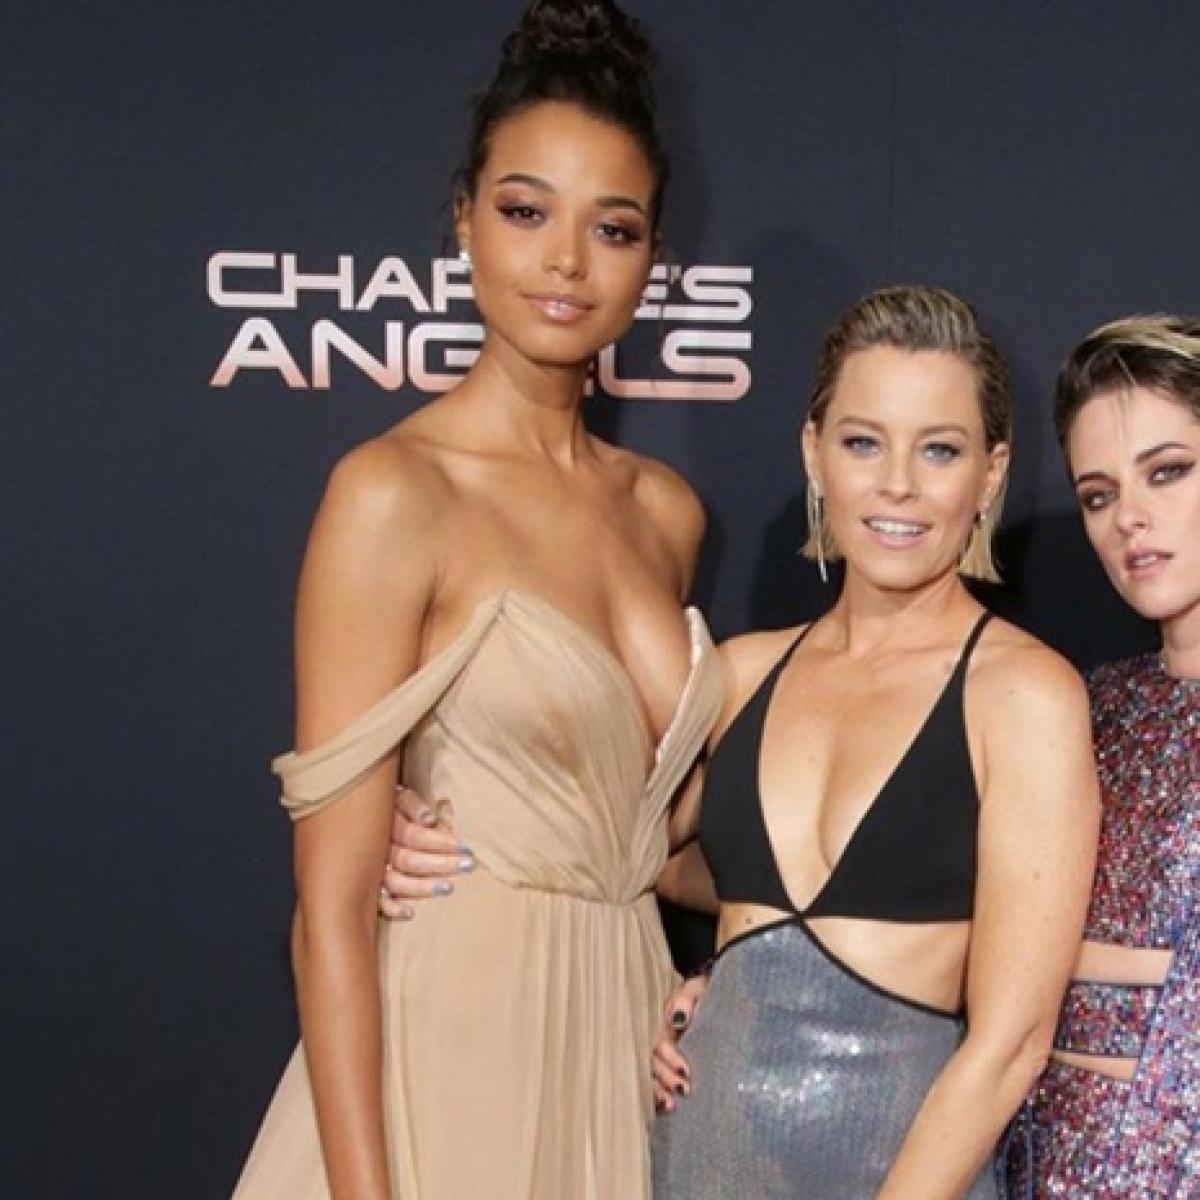 'Wonder Woman' and 'Captain Marvel' belong to male genre: Elizabeth Banks blames sexism for 'Charlie's Angels' BO crash